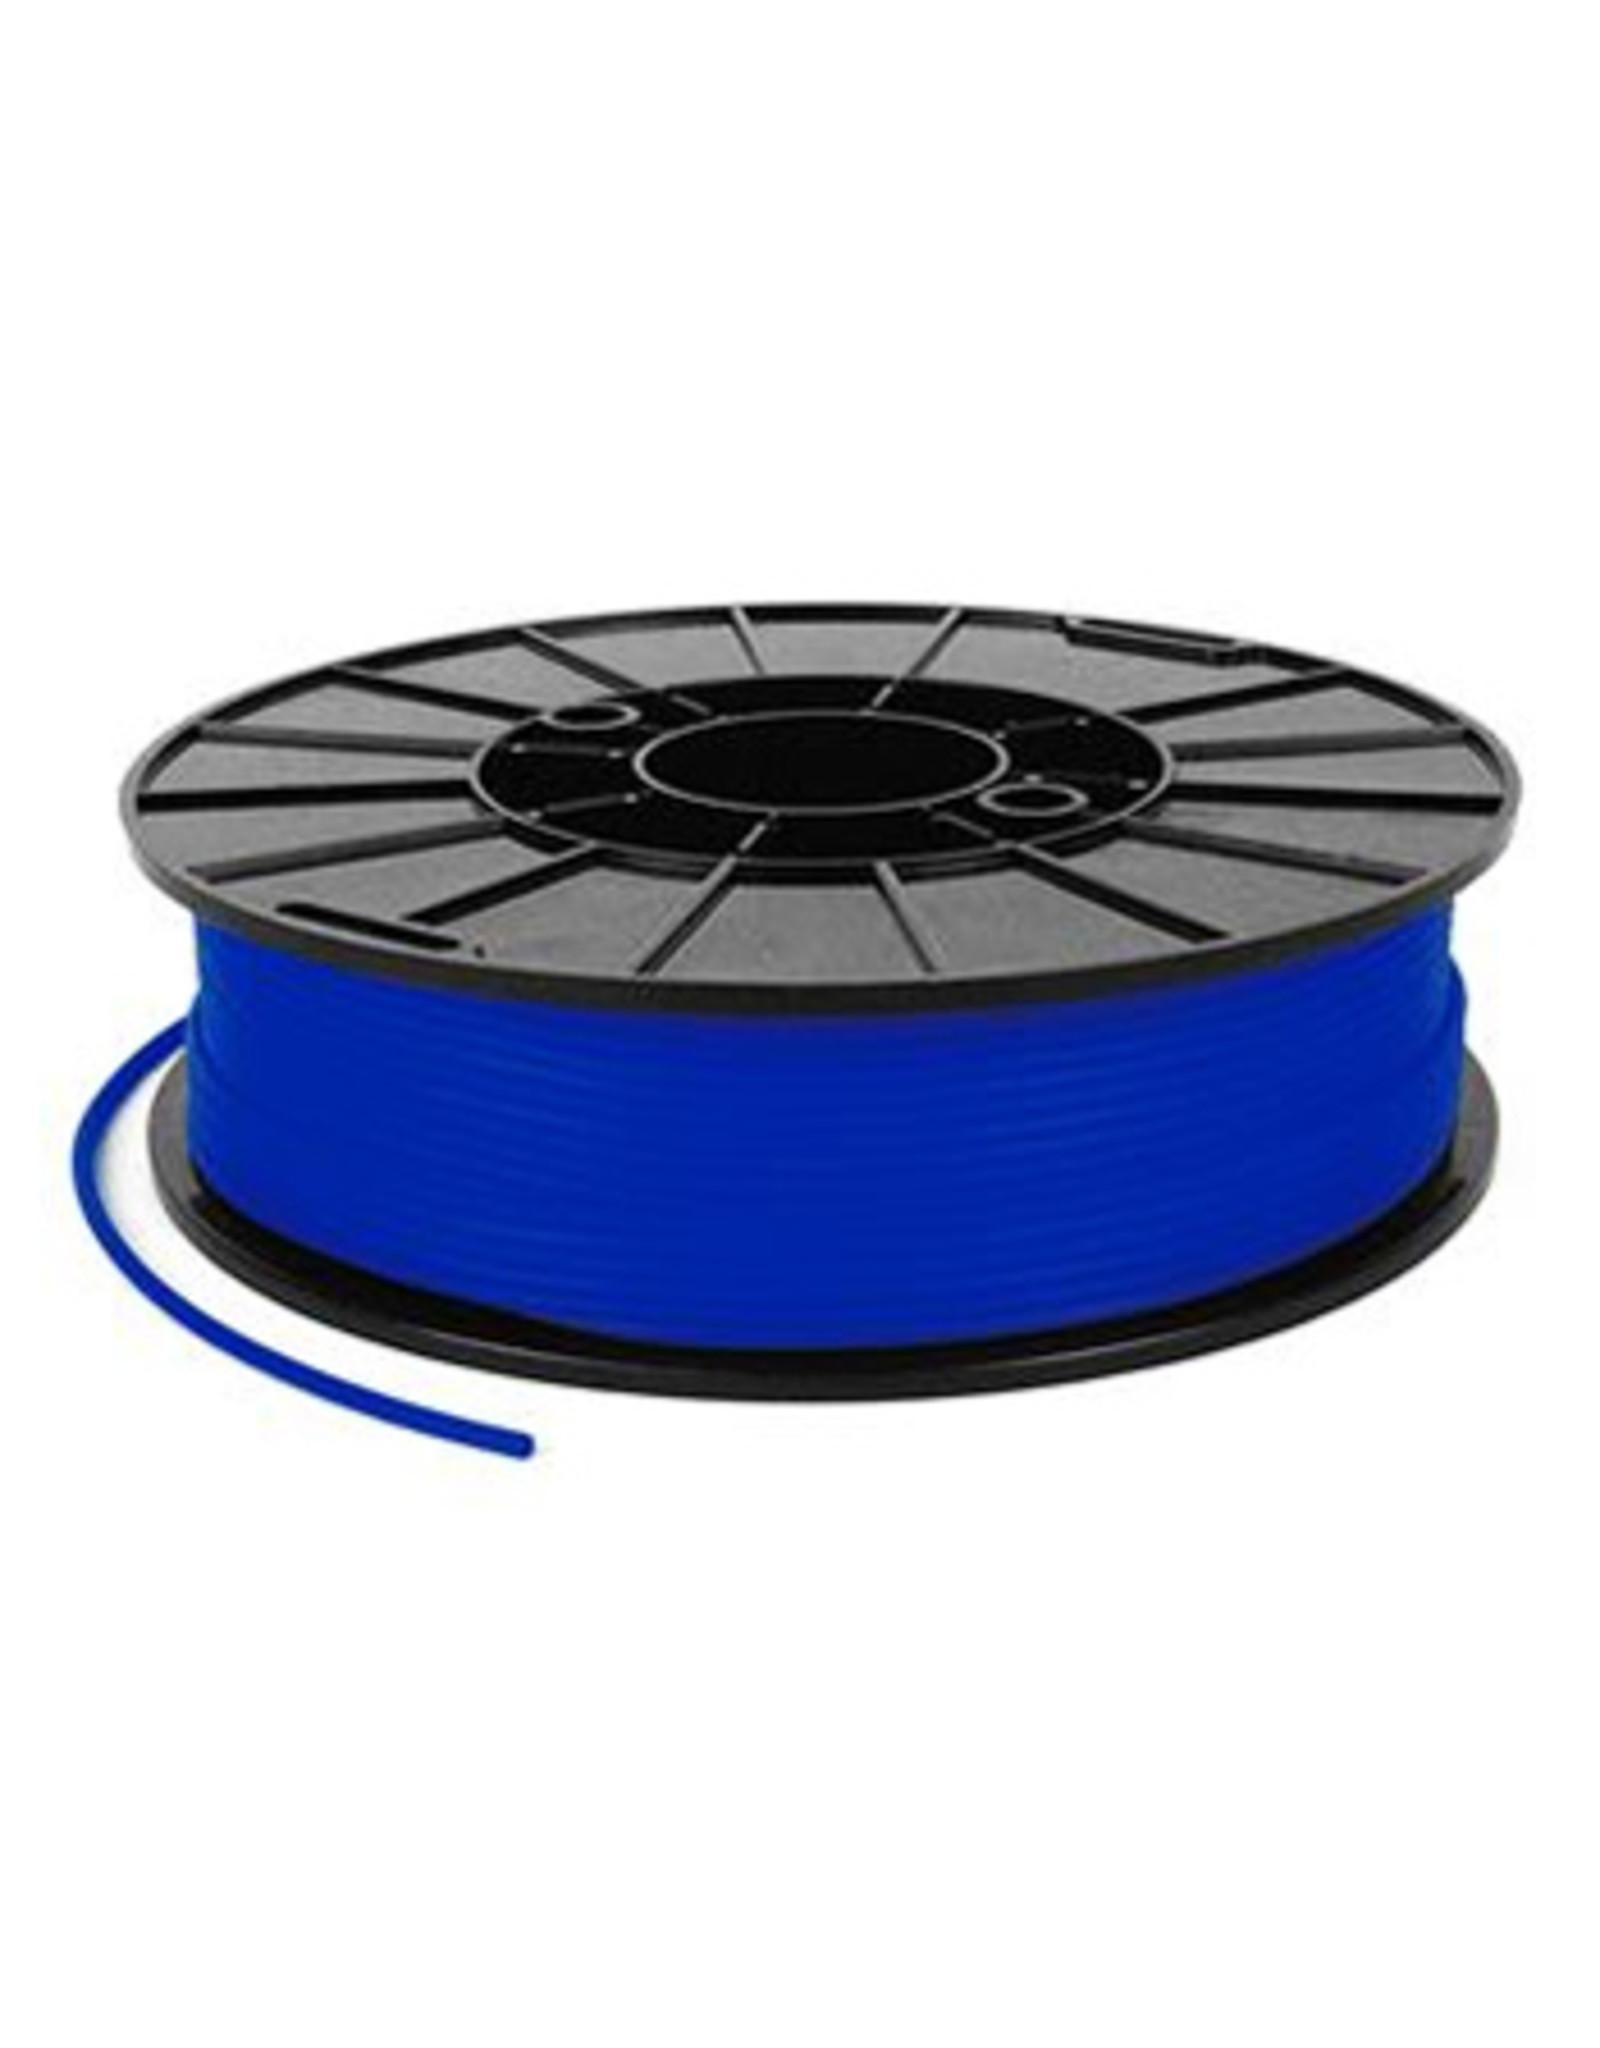 Ninja NinjaFlex Filament - 1.75mm - 0.5 kg - Sapphire Blue